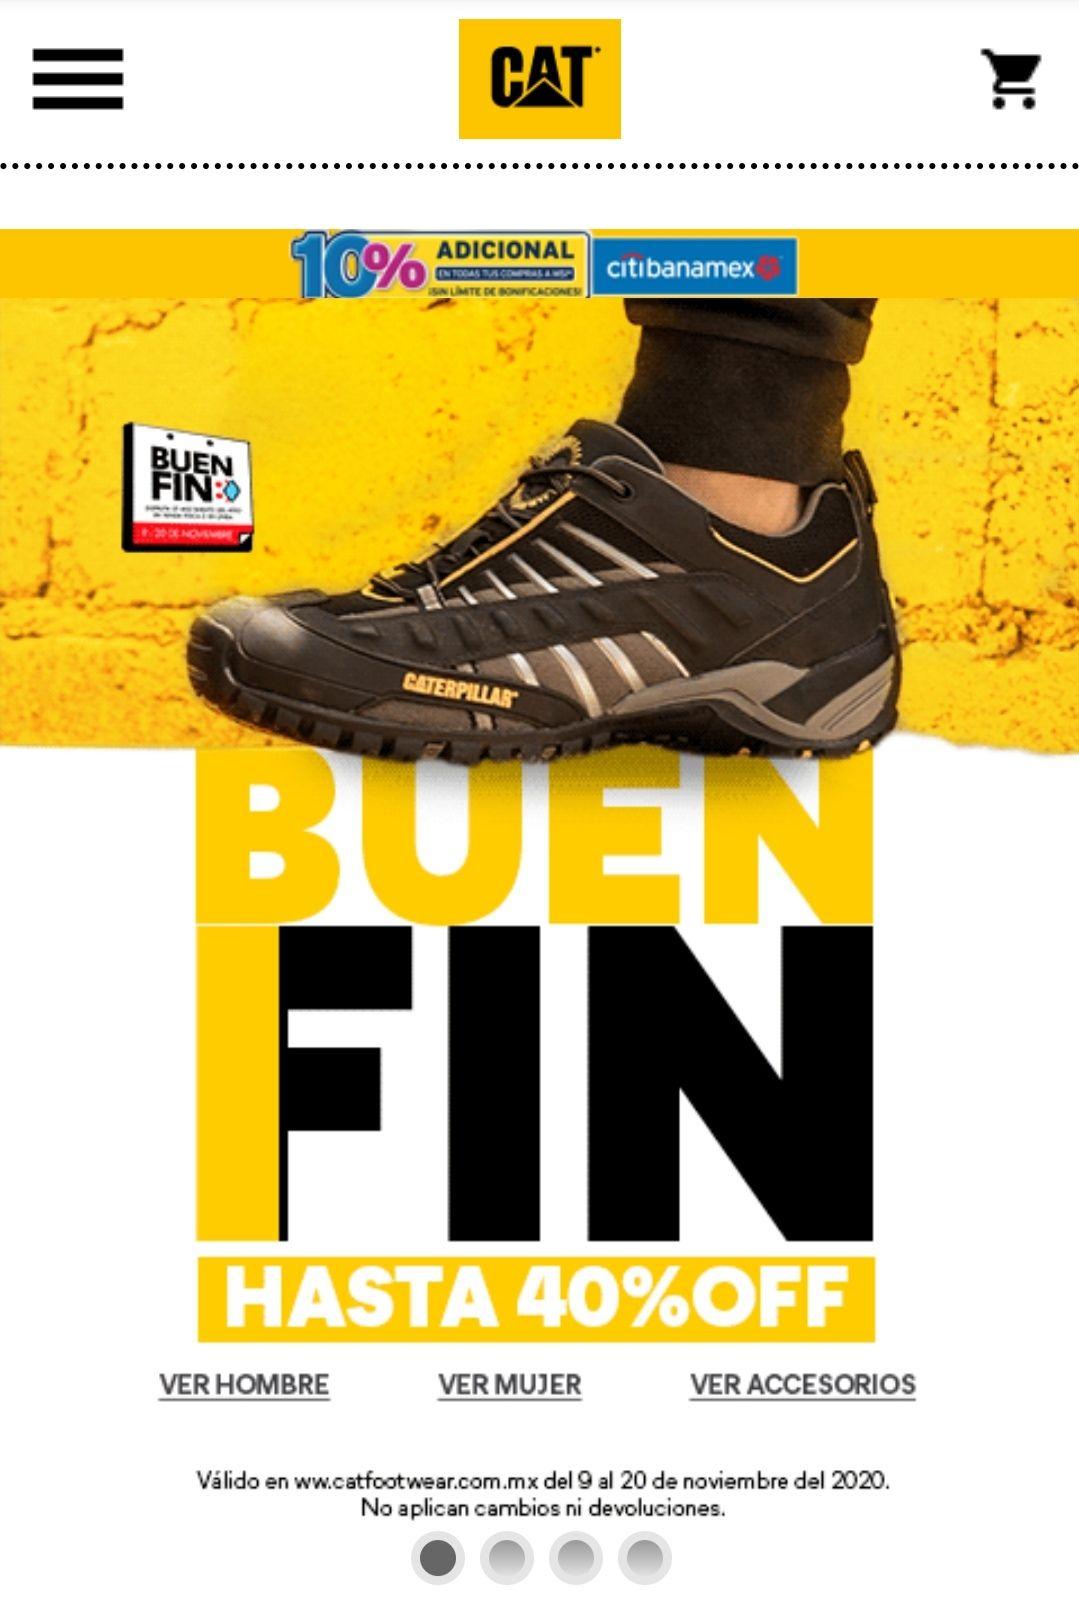 Catfootwear: hasta el 40% de descuento + 10% adicional msi citibanamex